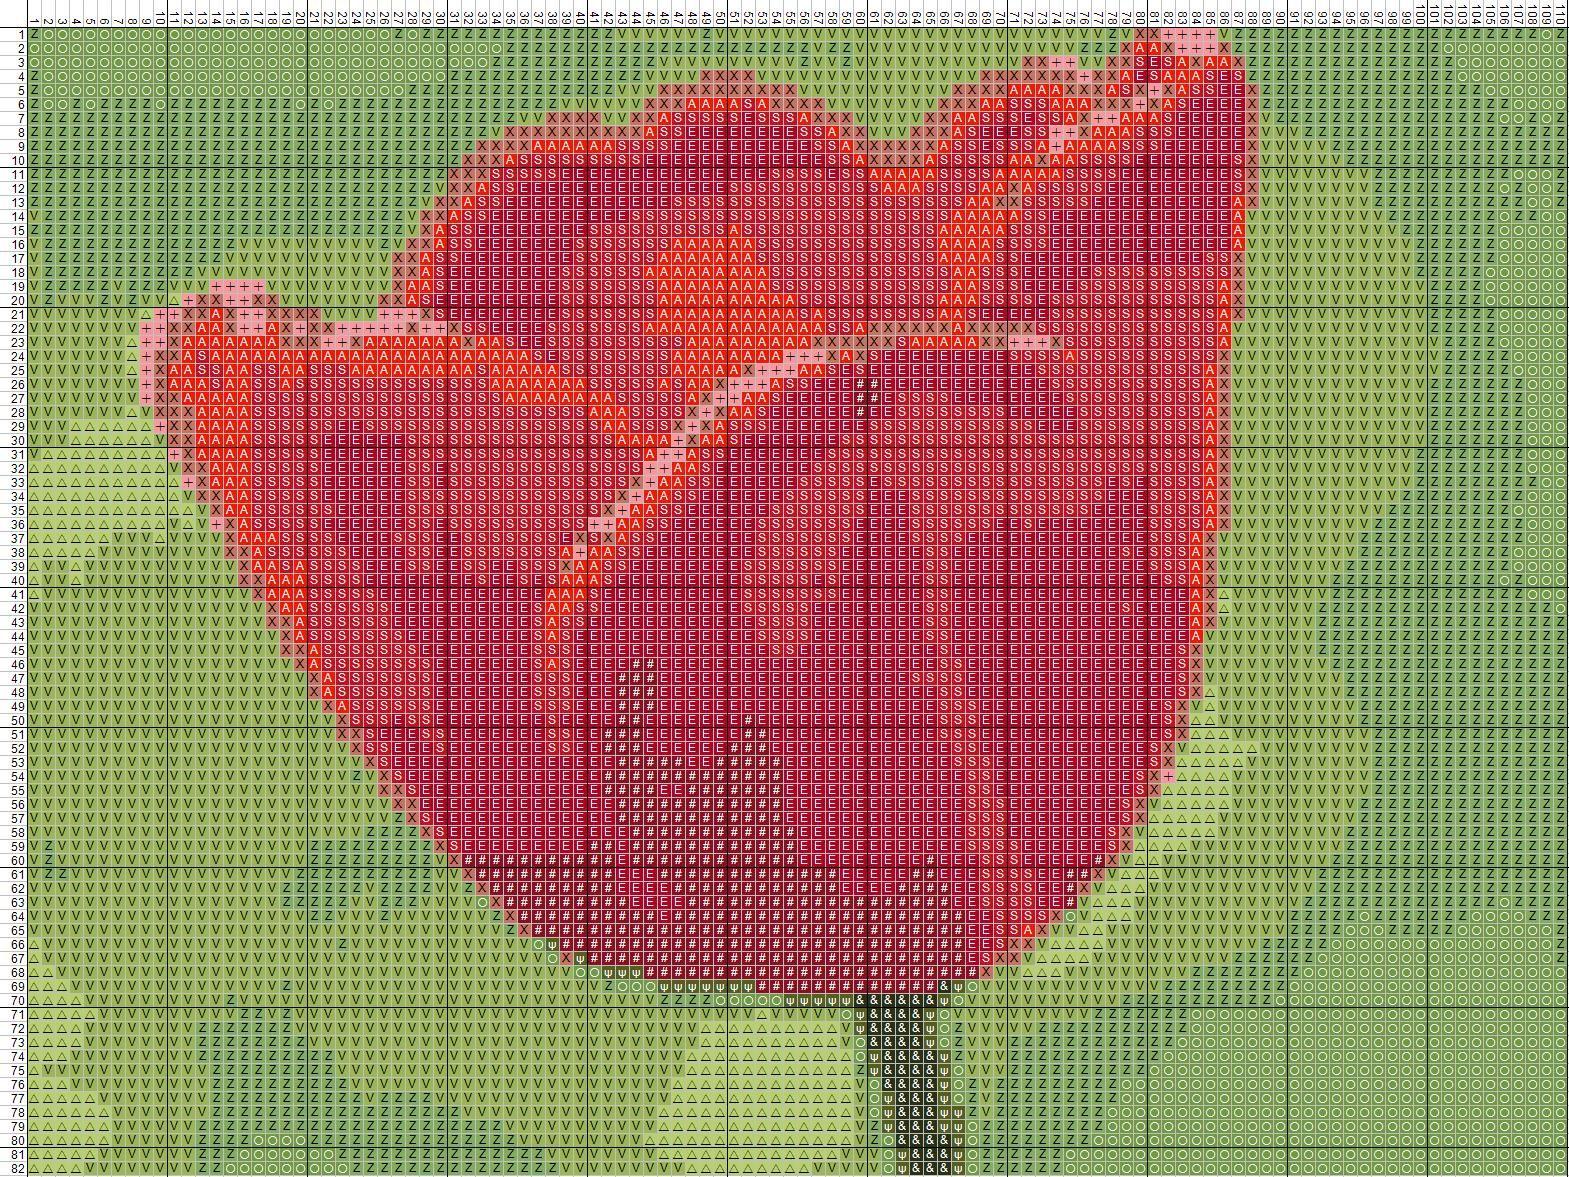 Схеми квітів для вишивки хрестиком - тюльпан